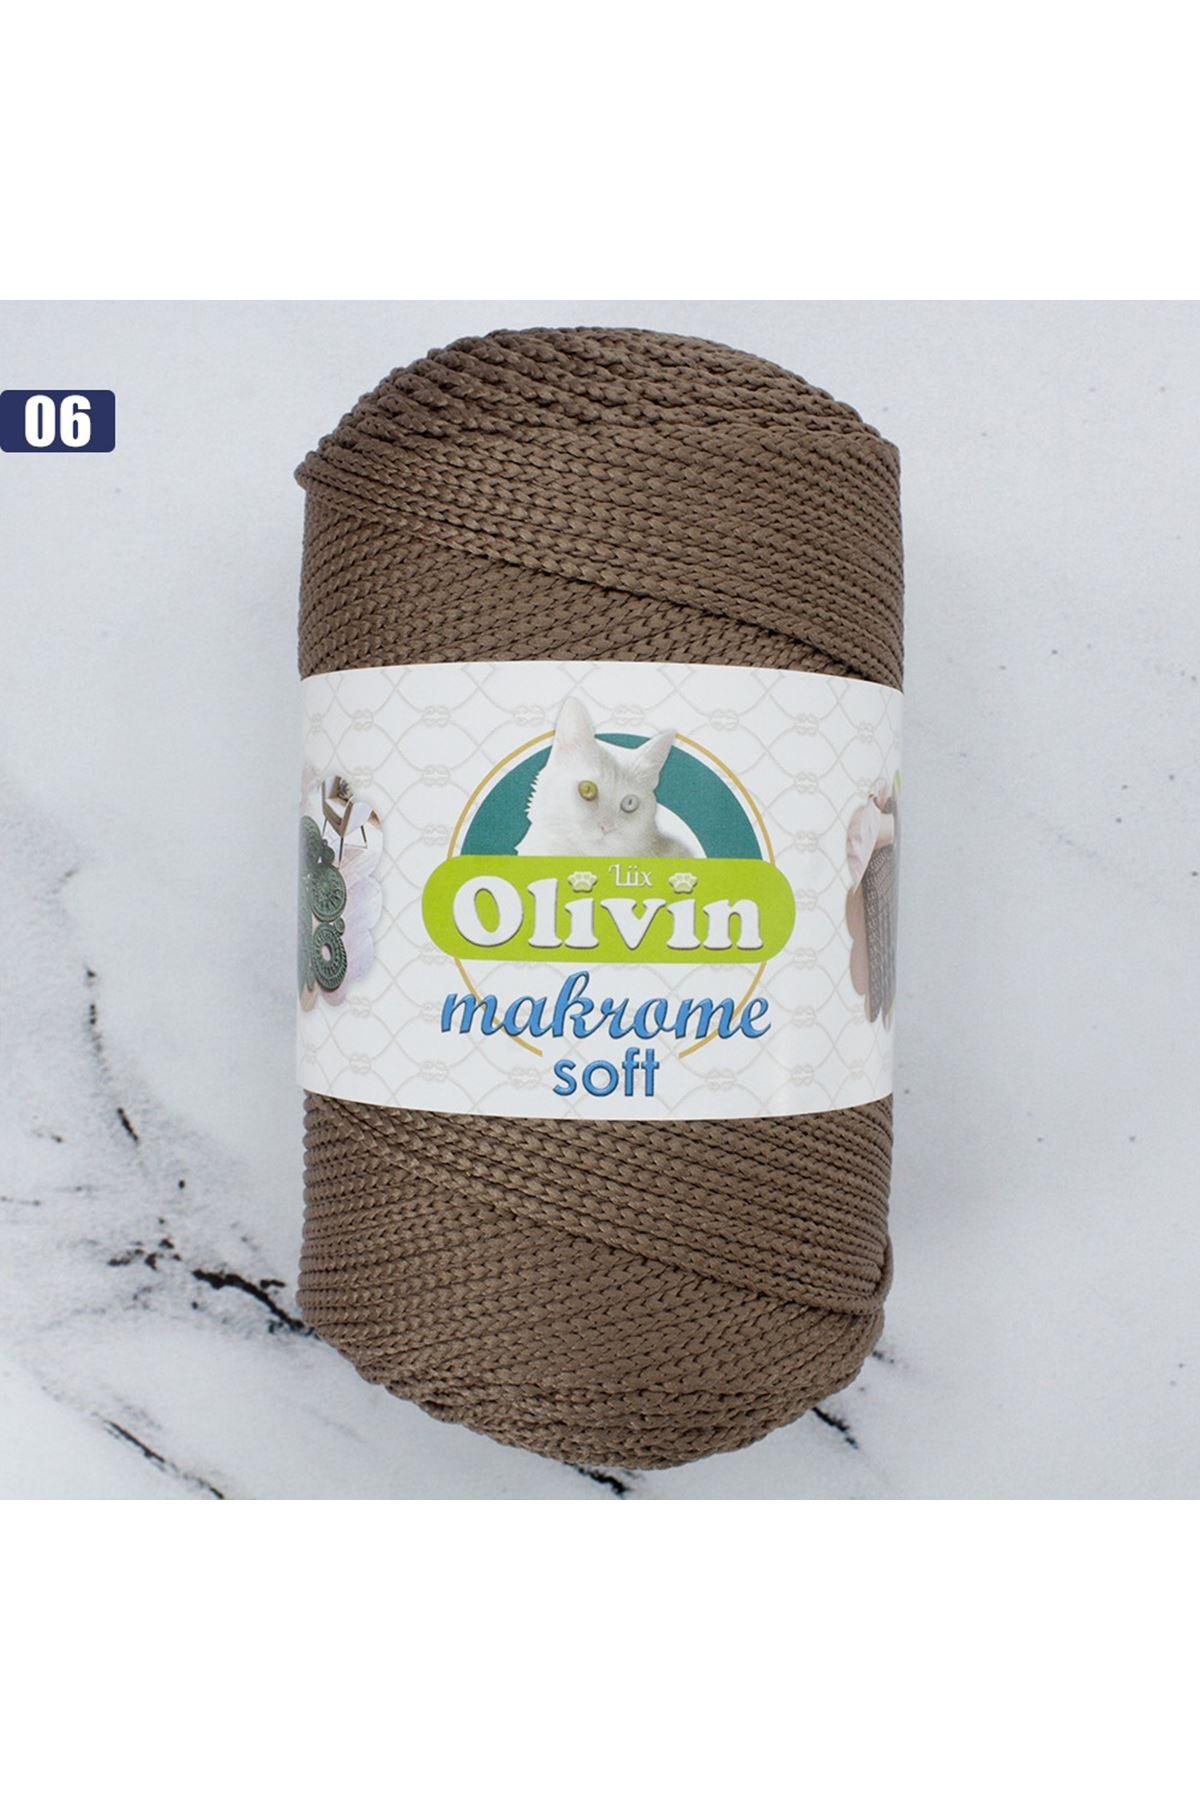 Olivin Makrome Soft 06